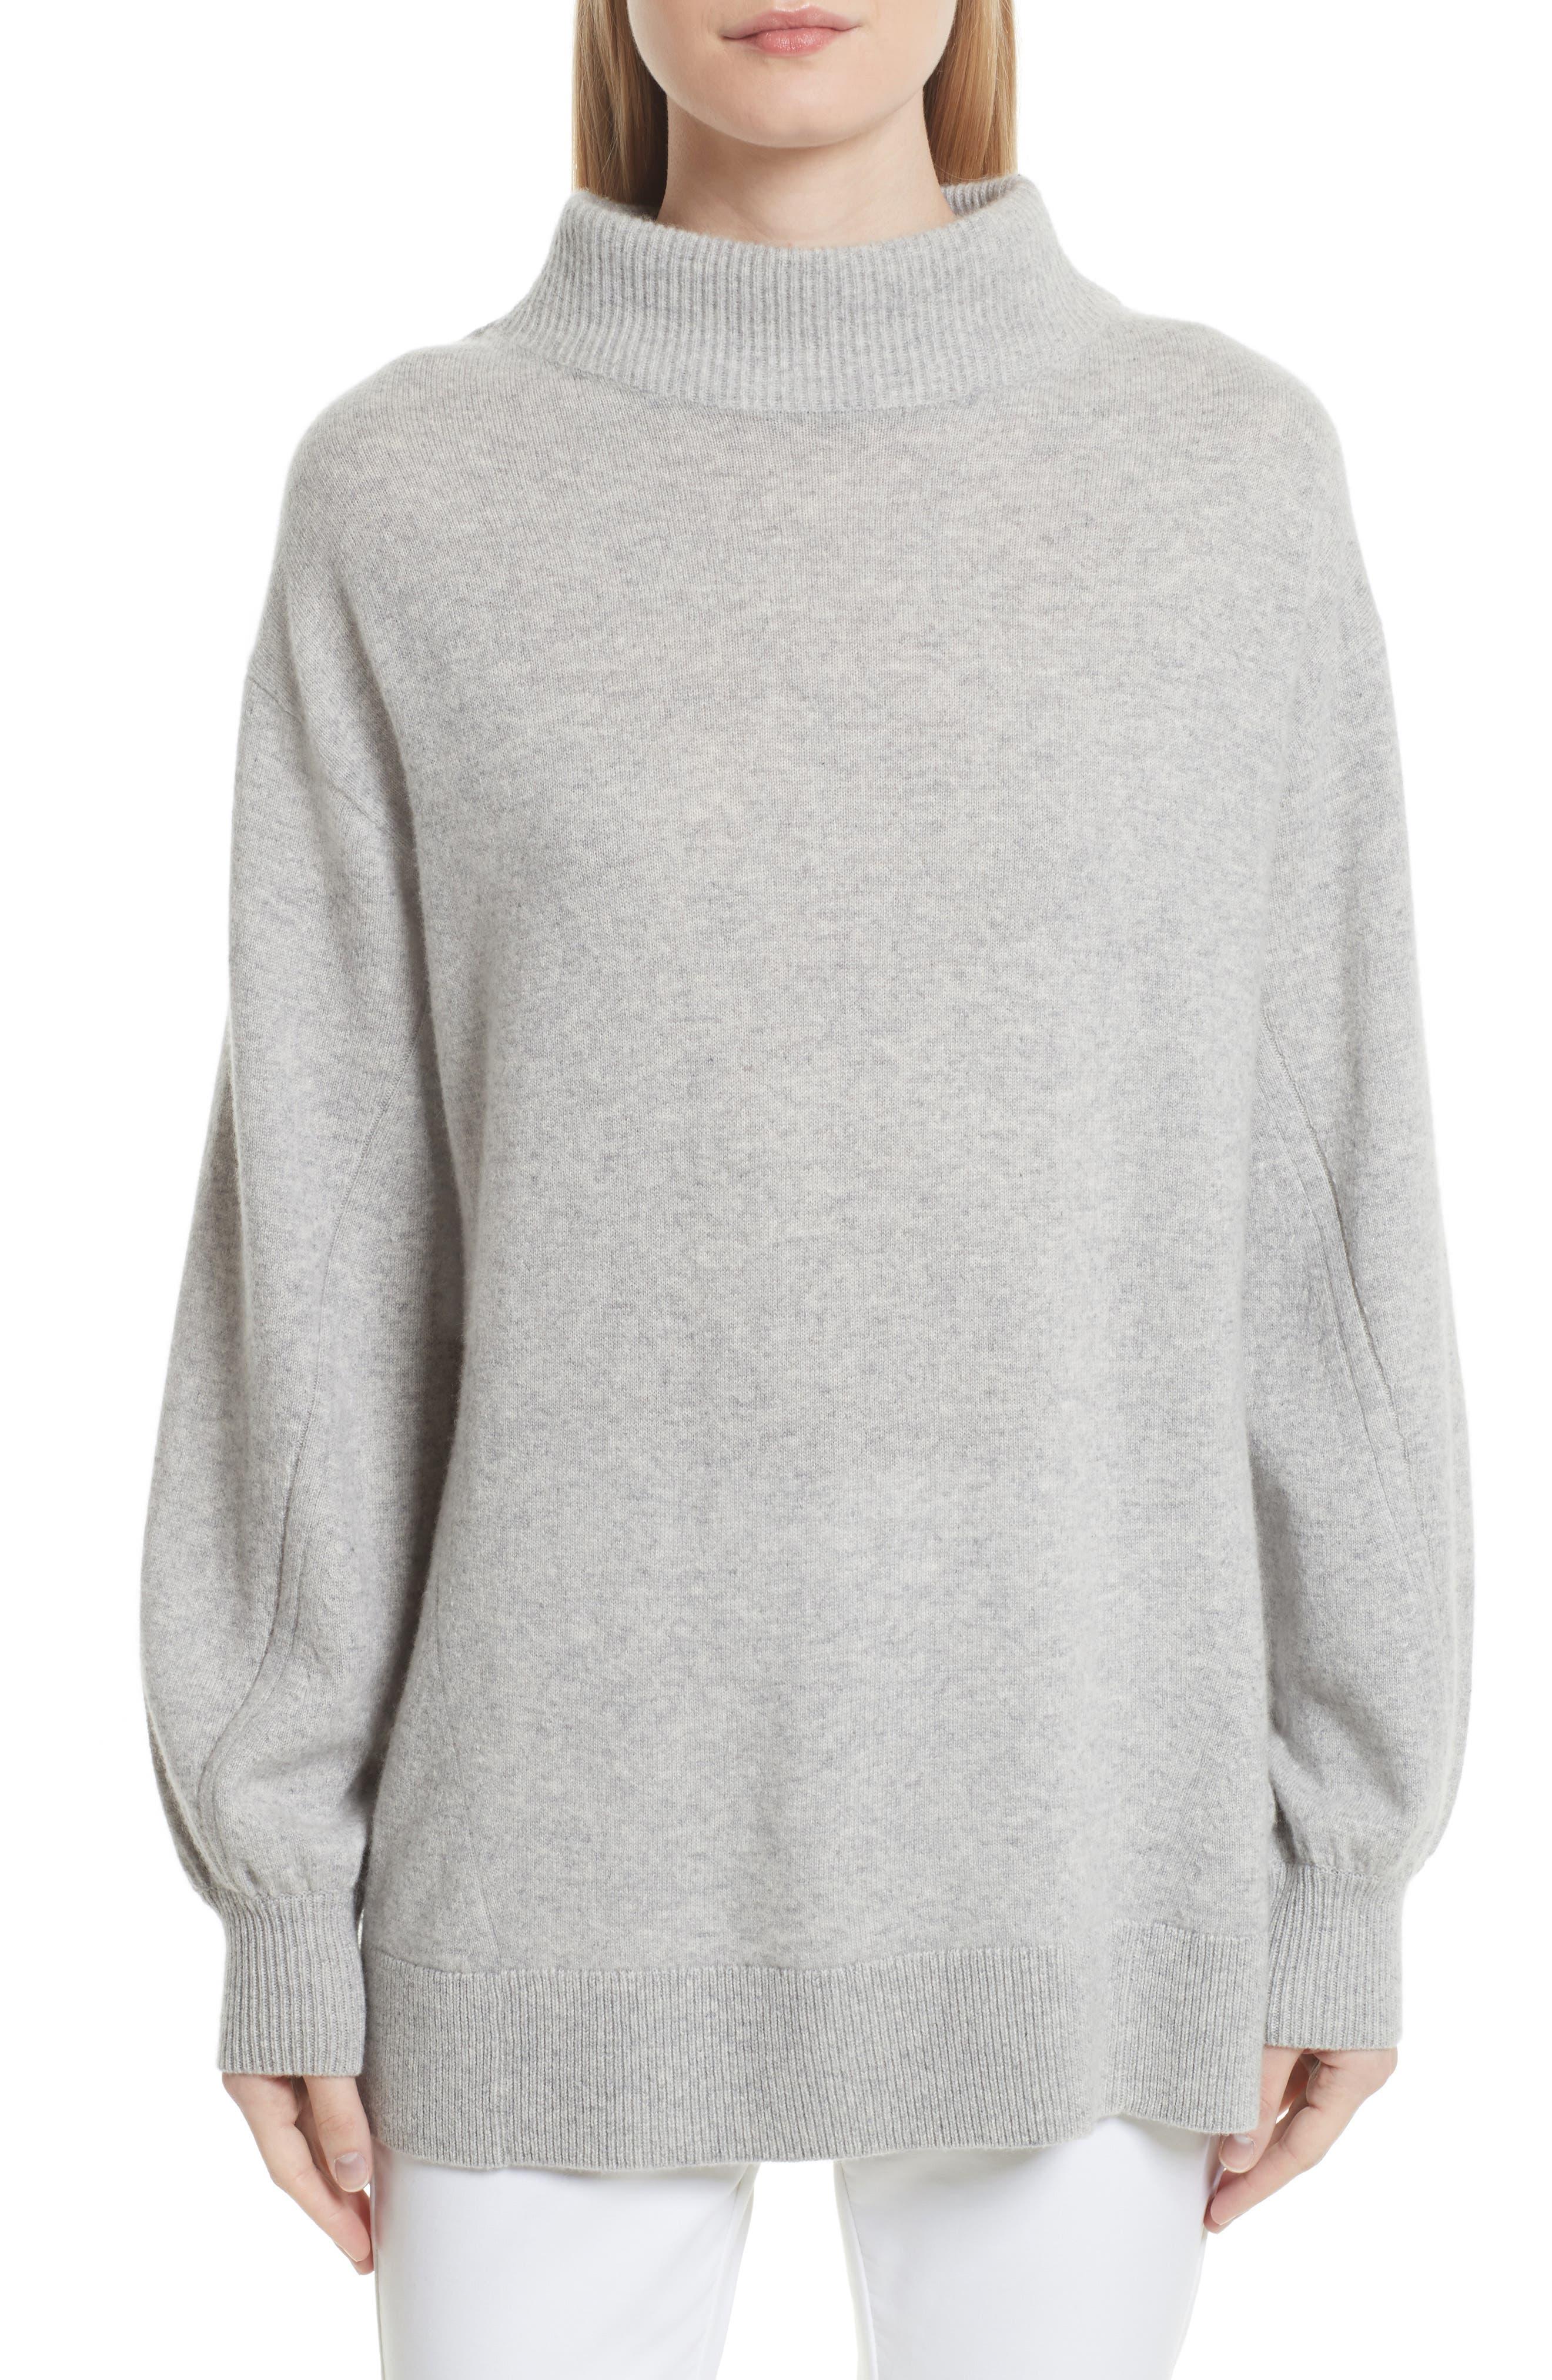 Ace Cashmere Turtleneck Sweater,                             Main thumbnail 1, color,                             058